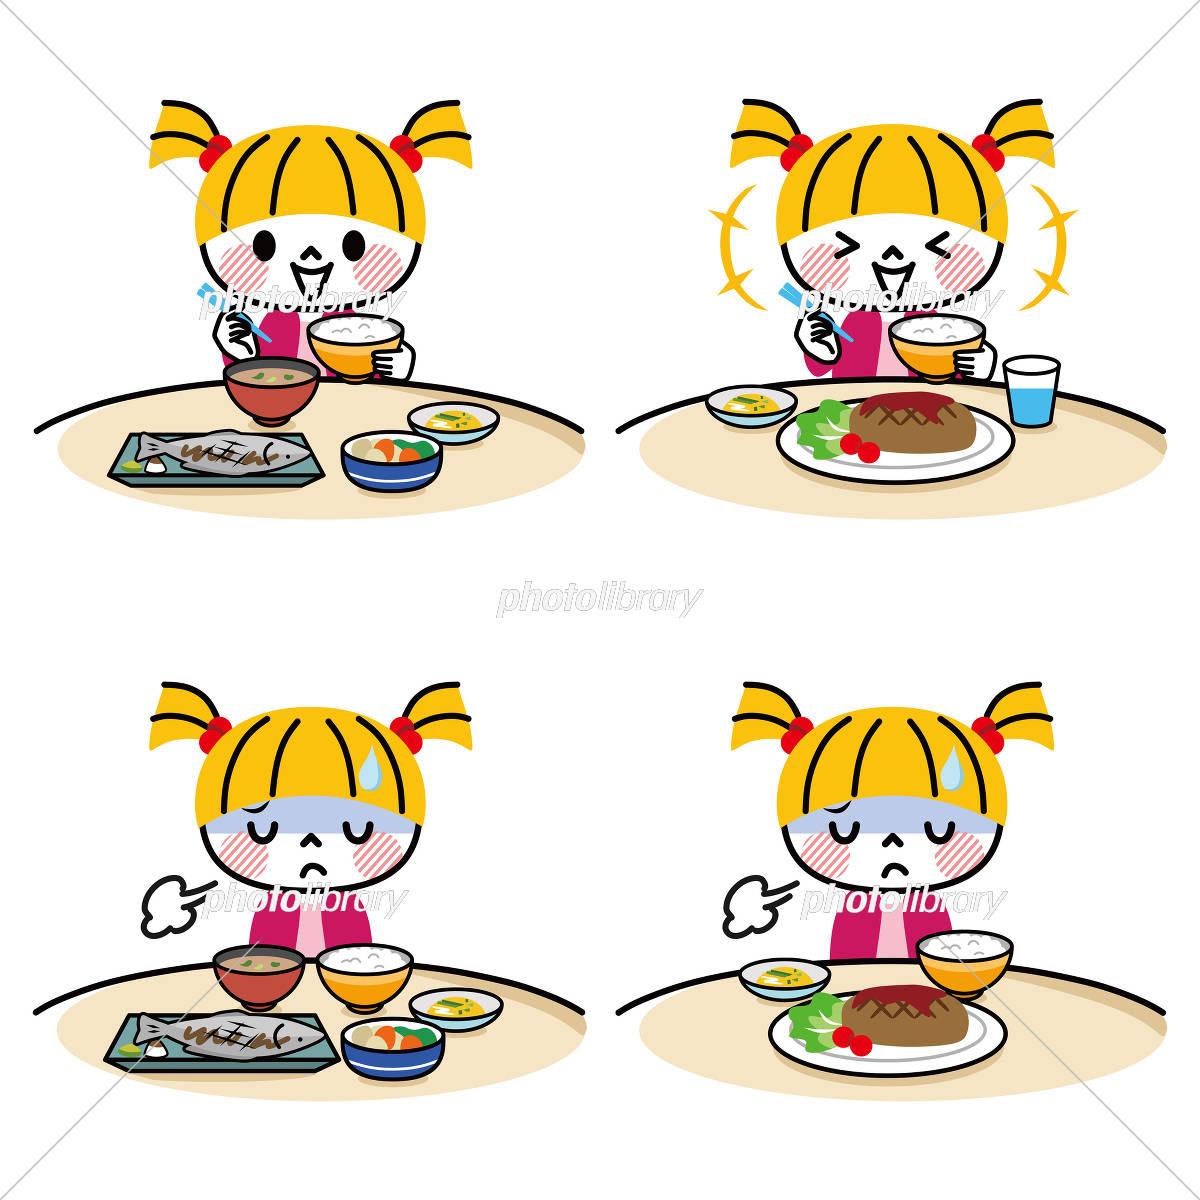 子供 食事 セット イラスト素材 [ 5429946 ] - フォトライブラリー